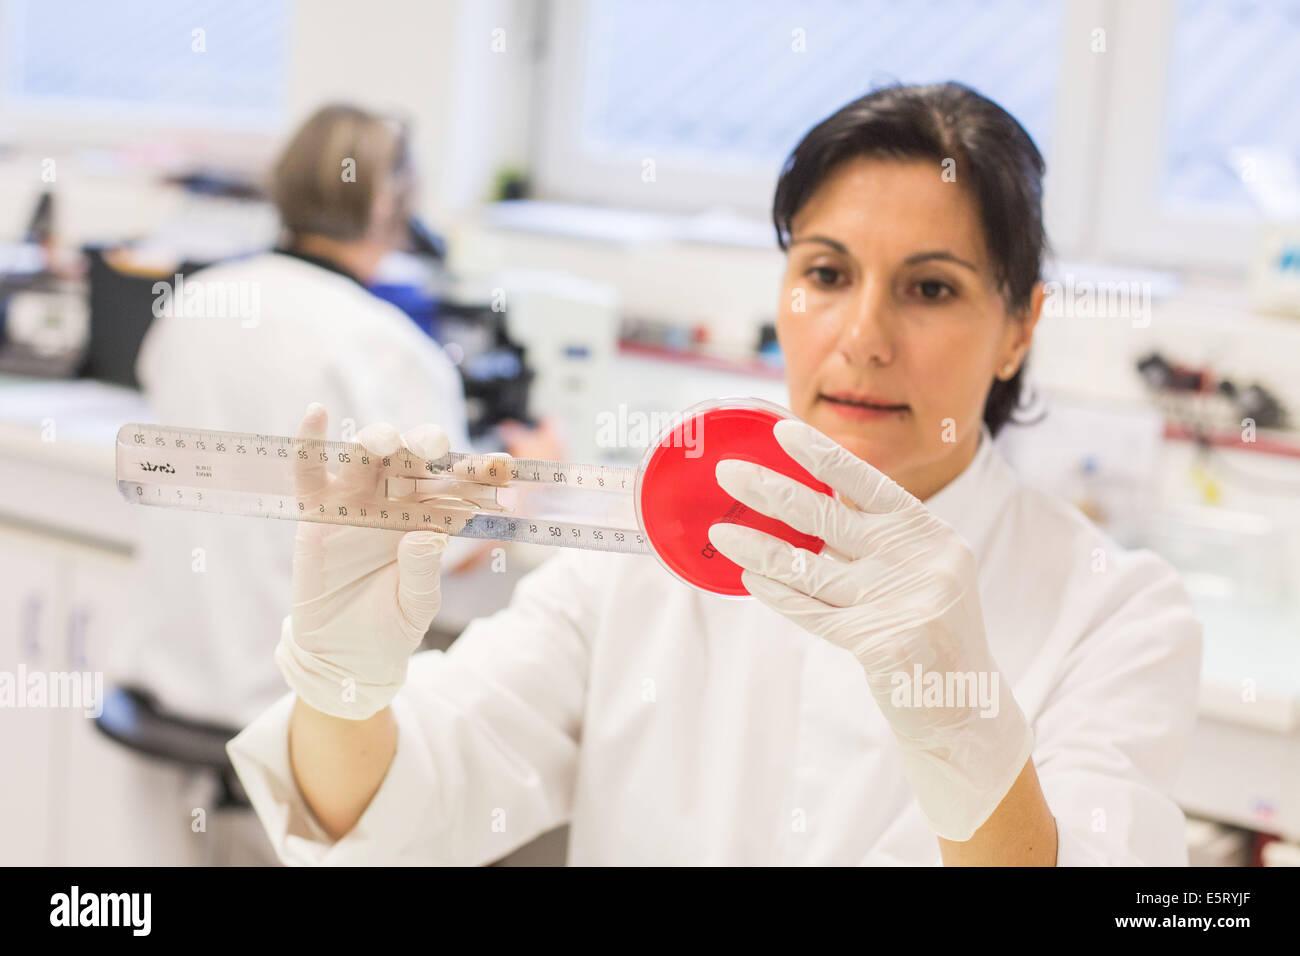 Técnico femenino un cultivo bacteriano de medición en una placa de Petri en un laboratorio médico. Foto de stock